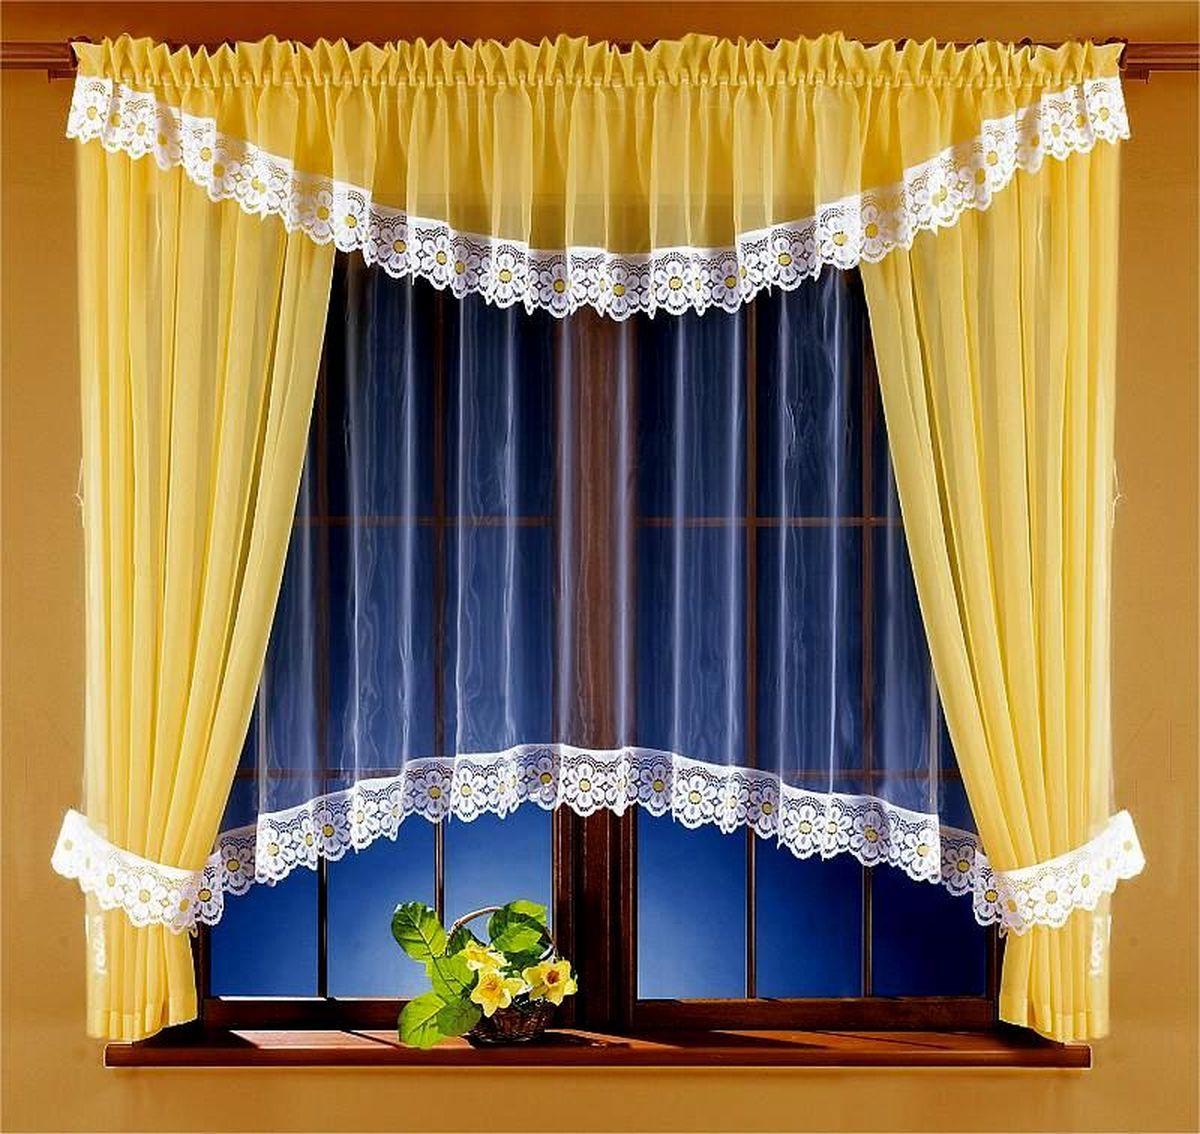 Комплект штор Wisan Ryta, на ленте, цвет: белый, желтый, высота 170 см5746Комплект штор Wisan Ryta выполненный из полиэстера, великолепно украсит любое окно. В комплект входят 2 шторы, тюль, ламбрекен и 2 подхвата. Оригинальный и яркий дизайн придают комплекту особый стиль и шарм. Качественный материал, нежная цветовая гамма и роскошное исполнение - все это делает шторы Wisan Ryta замечательным дополнением интерьера помещения. Комплект оснащен шторной лентой для красивой сборки. В комплект входит: Штора - 2 шт. Размер (ШхВ): 160 см х 170 см. Тюль - 1 шт. Размер (ШхВ): 360 см х 160 см. Ламбрекен - 1 шт. Размер (ШхВ): 400 см х 40 см. Подхват - 2 шт. Фирма Wisan на польском рынке существует уже более пятидесяти лет и является одной из лучших польских фабрик по производству штор и тканей. Ассортимент фирмы представлен готовыми комплектами штор для гостиной, детской, кухни, а также текстилем для кухни (скатерти, салфетки, дорожки, кухонные занавески). Модельный ряд отличает оригинальный...